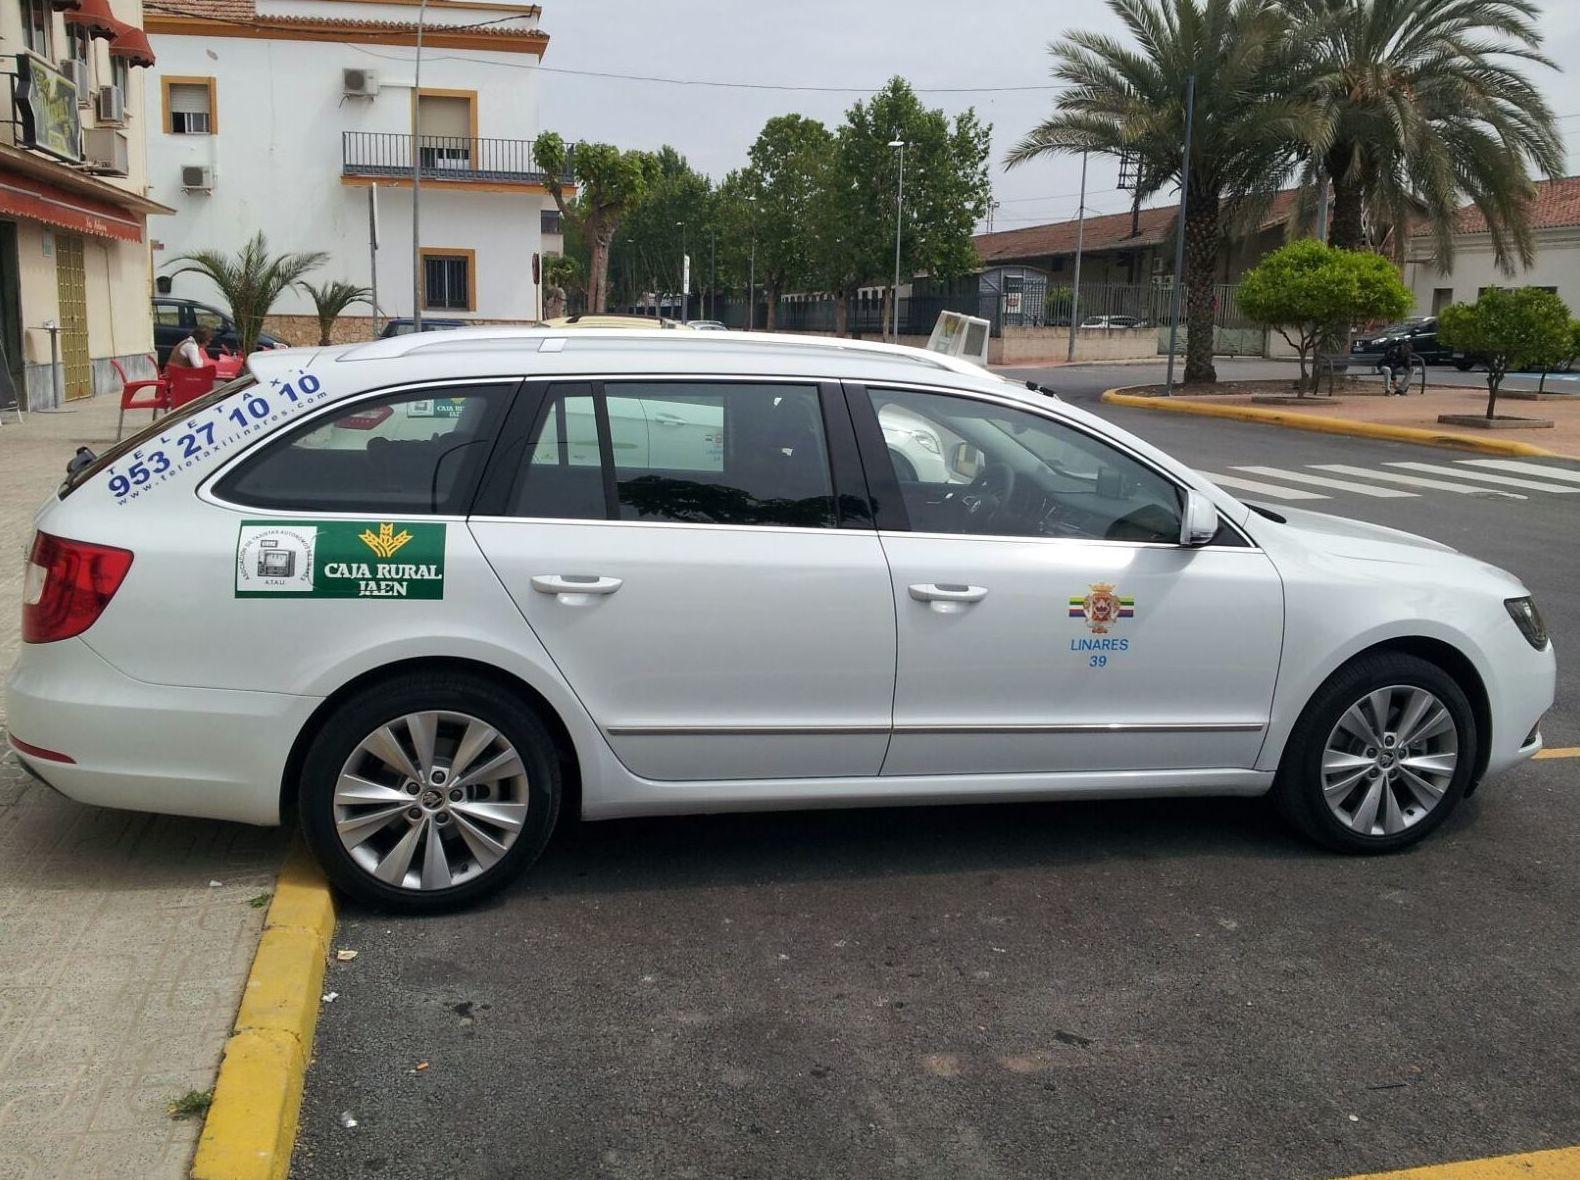 Traslados a centros de salud: Servicios de Taxi Camacho Linares